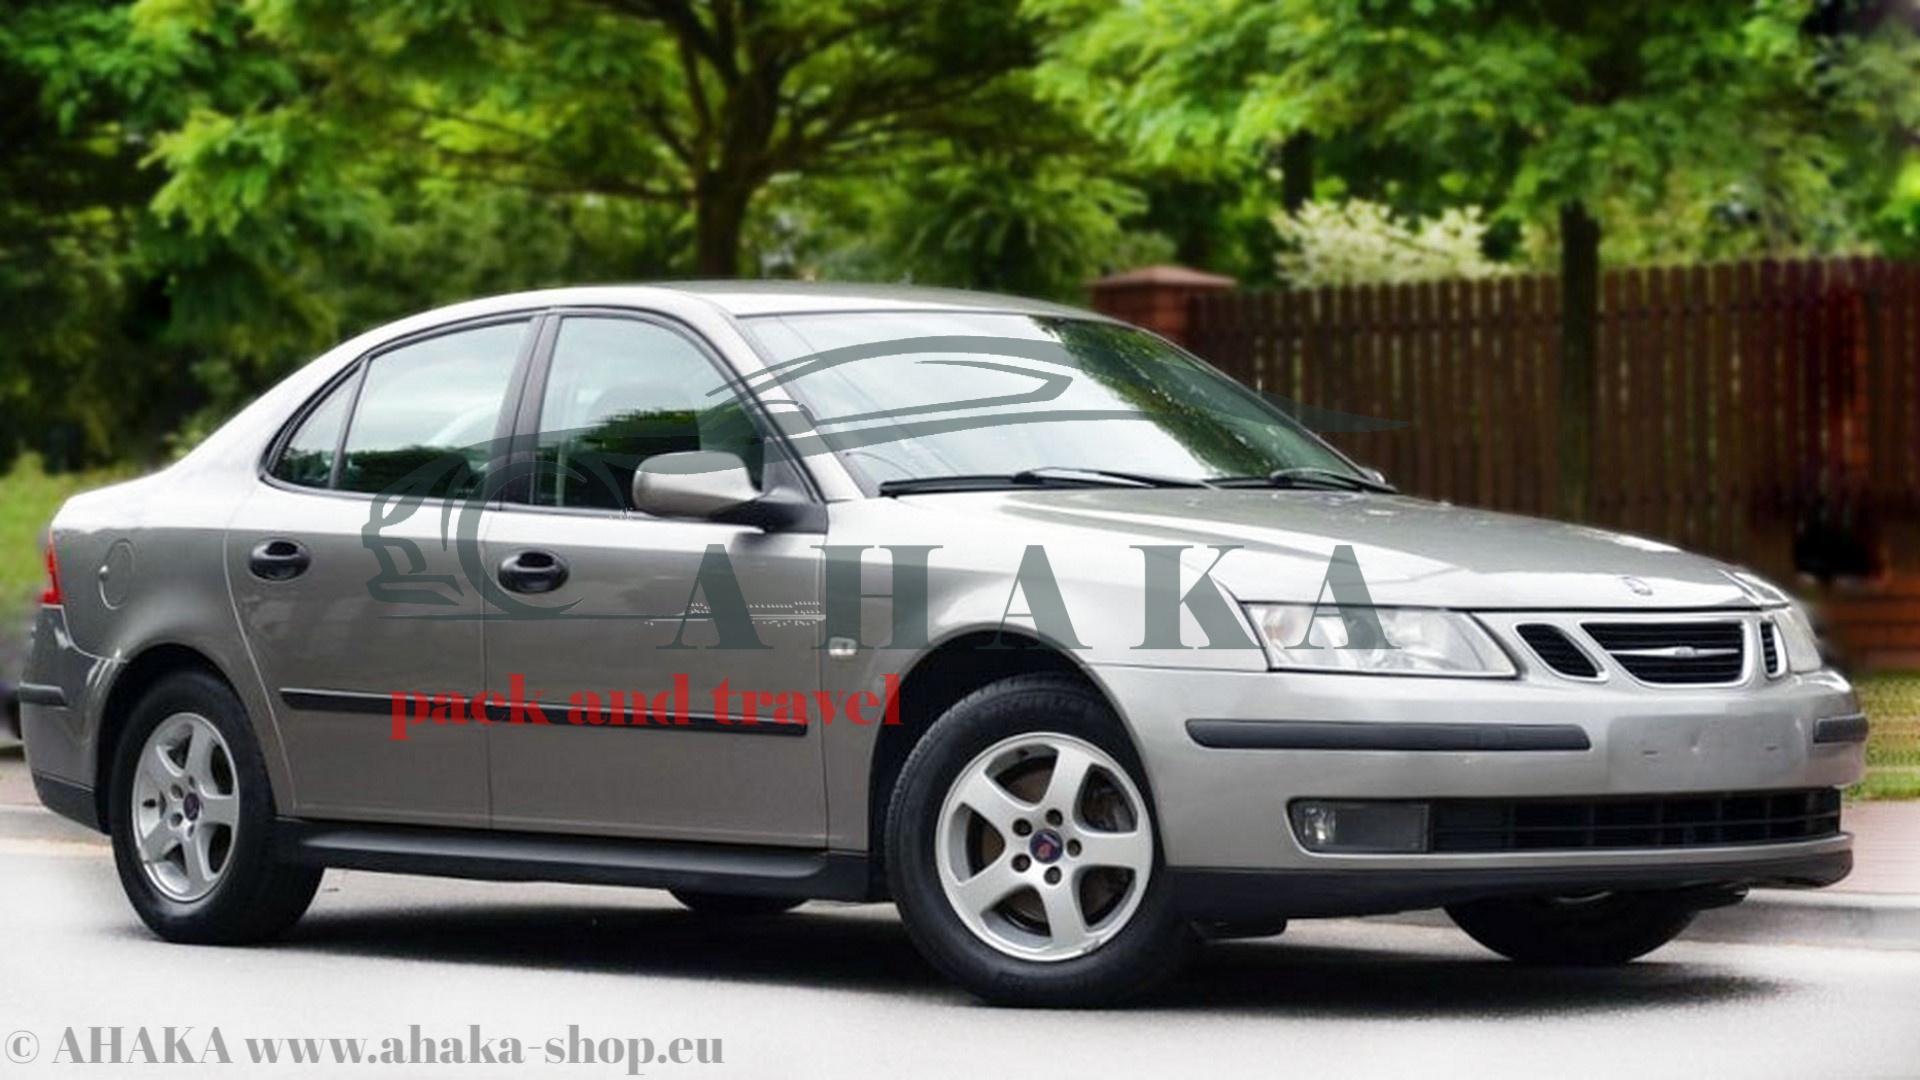 Für Renault Modus 2004-2007 AUTO HAK Anhängerkupplung starr 7polig E-Satz AHZV